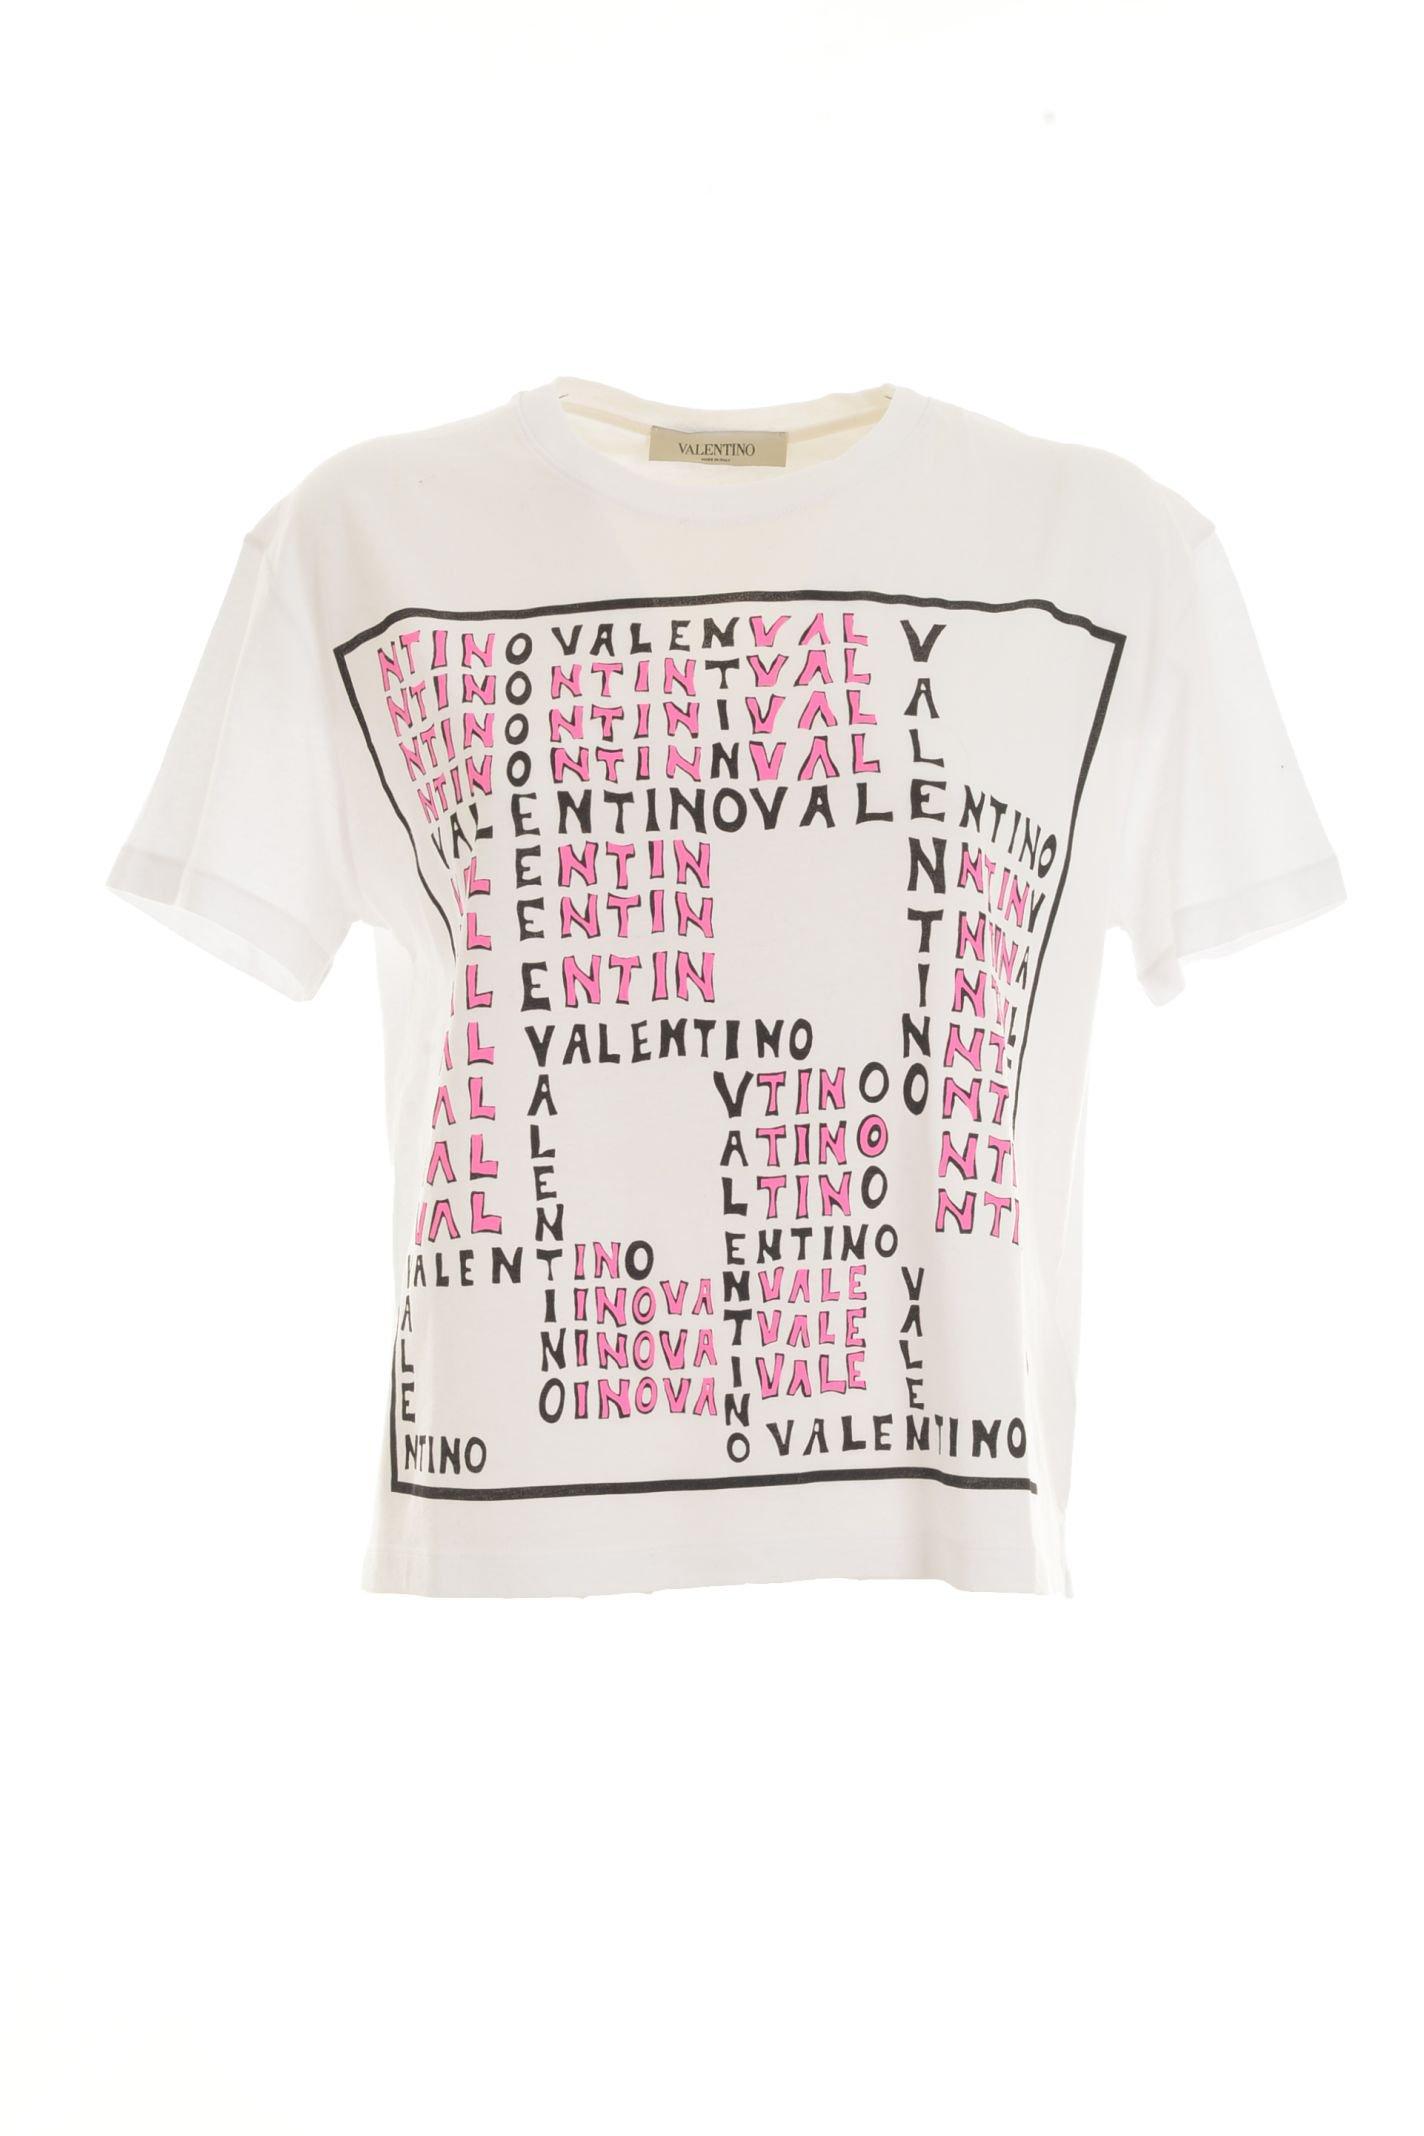 Valentino T shirt